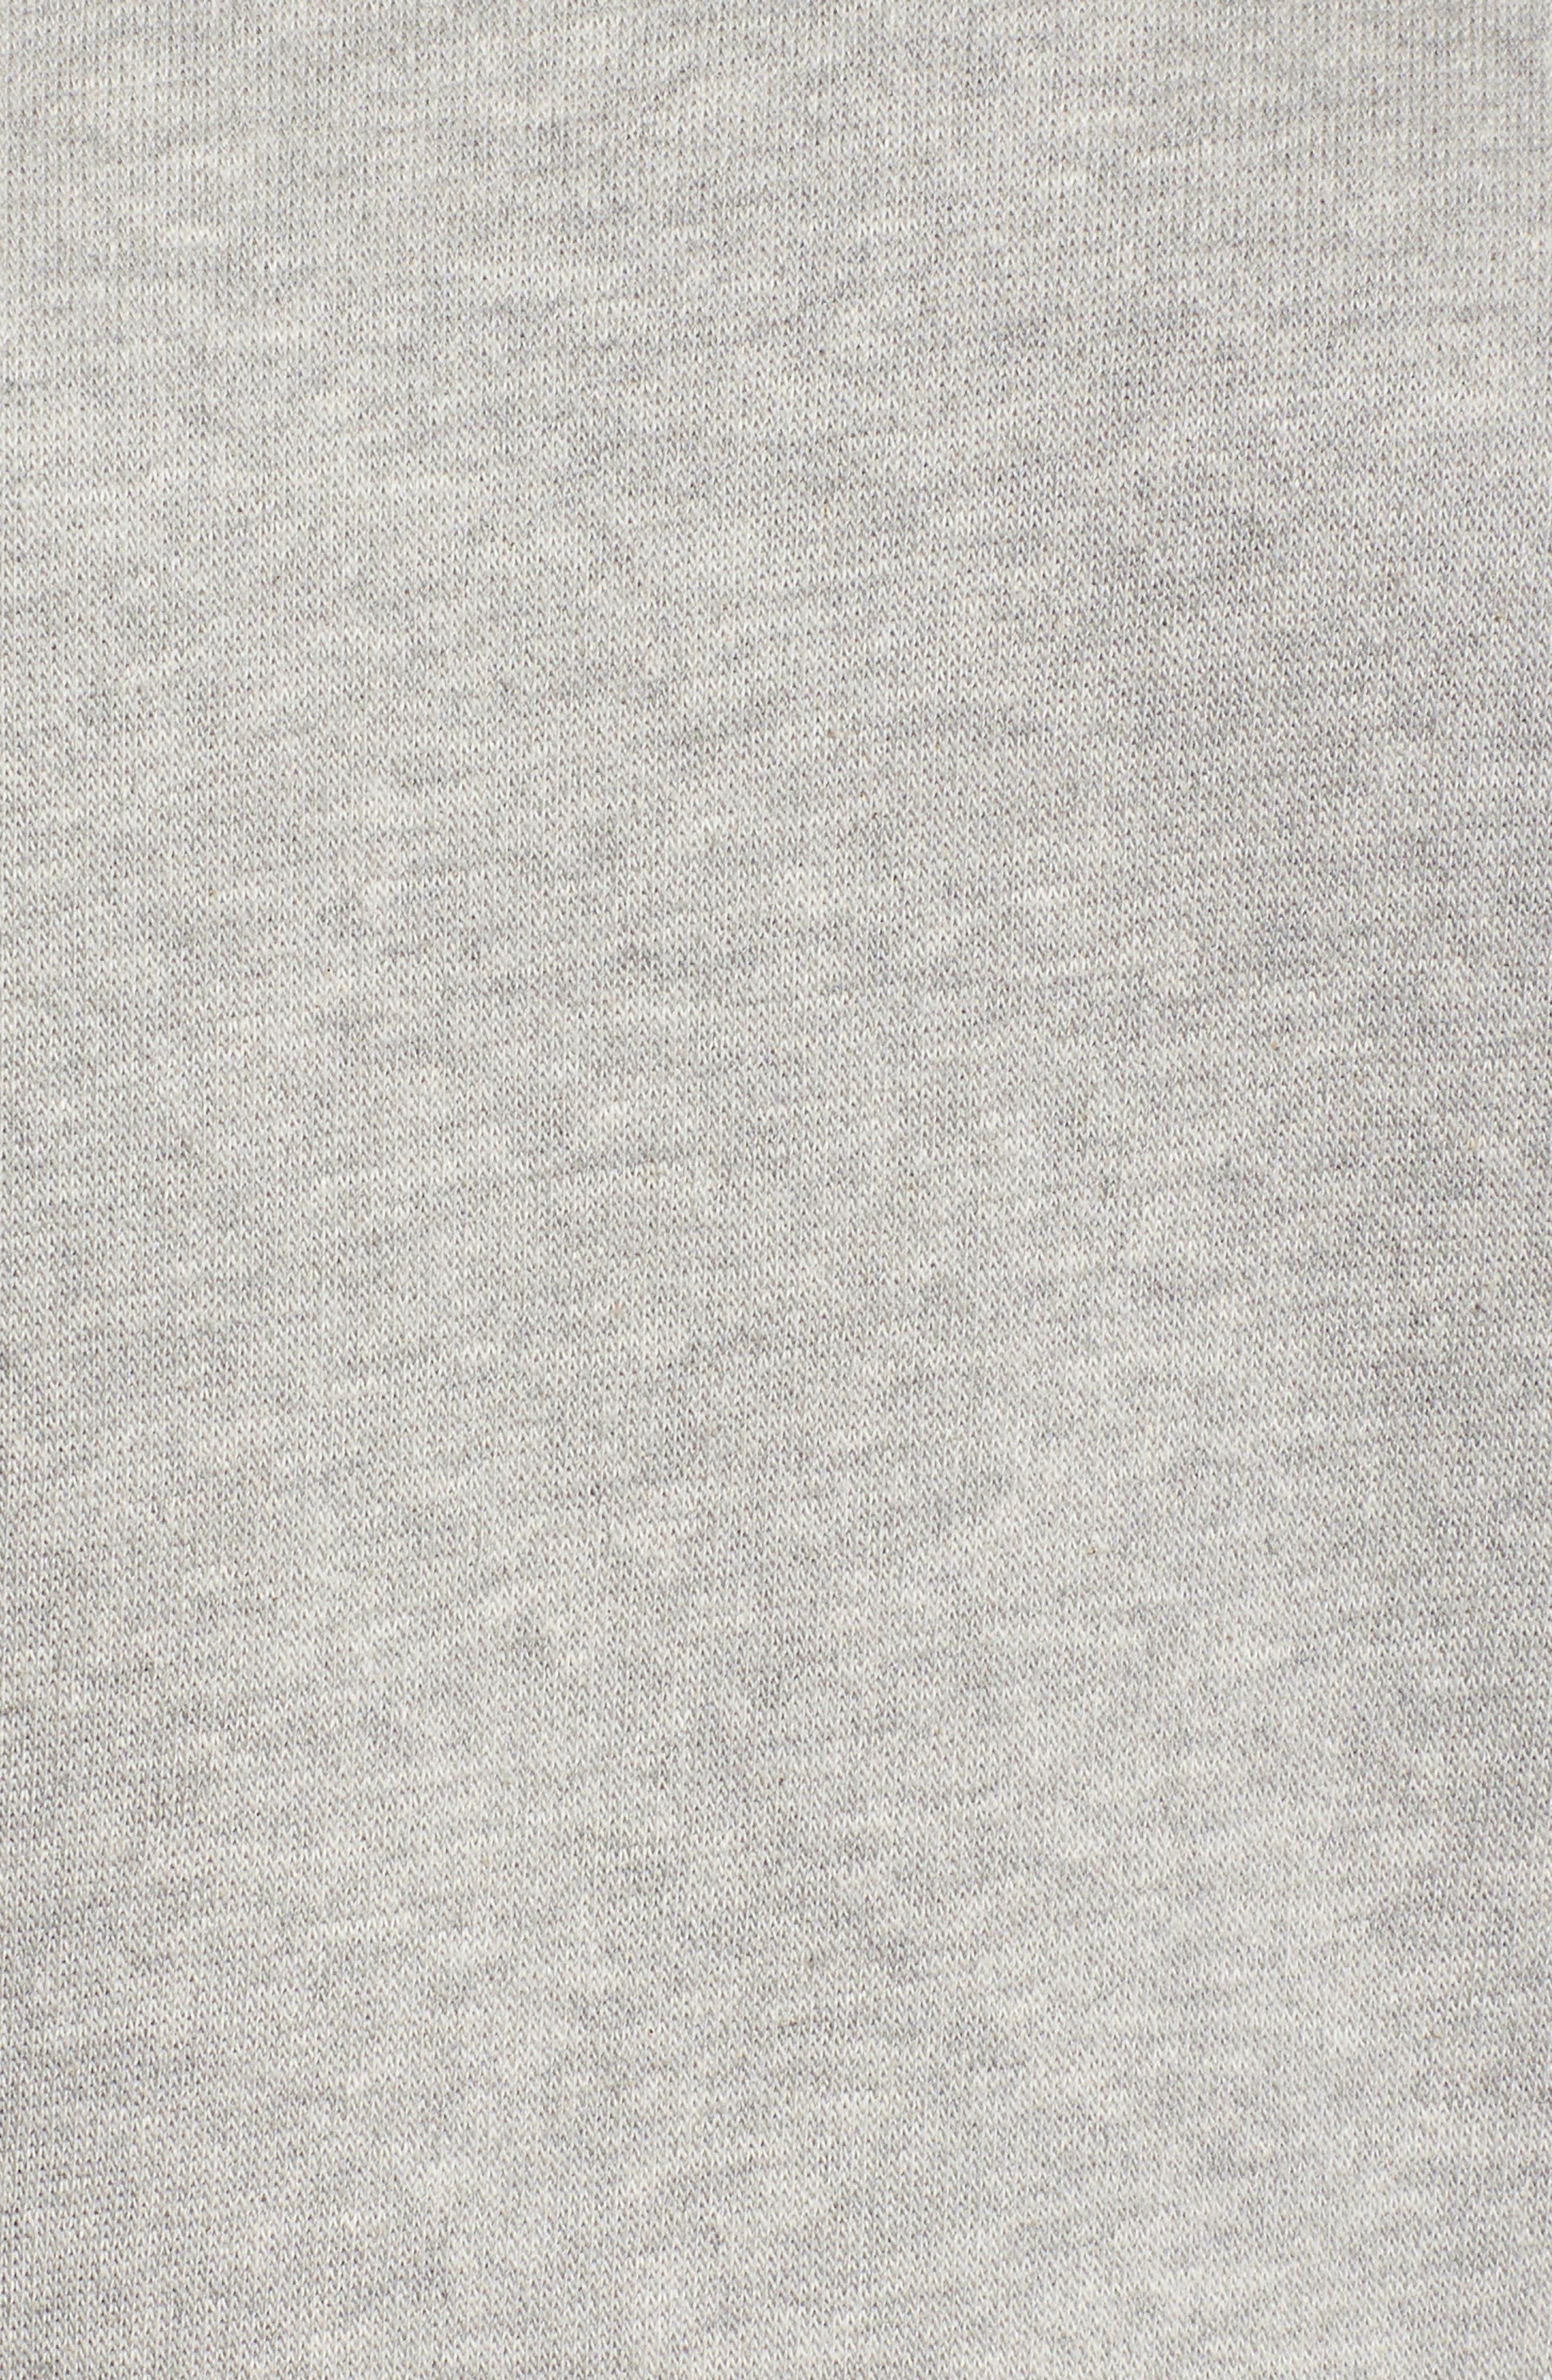 Renzo Vintage Star Stud Sweatshirt,                             Alternate thumbnail 5, color,                             020